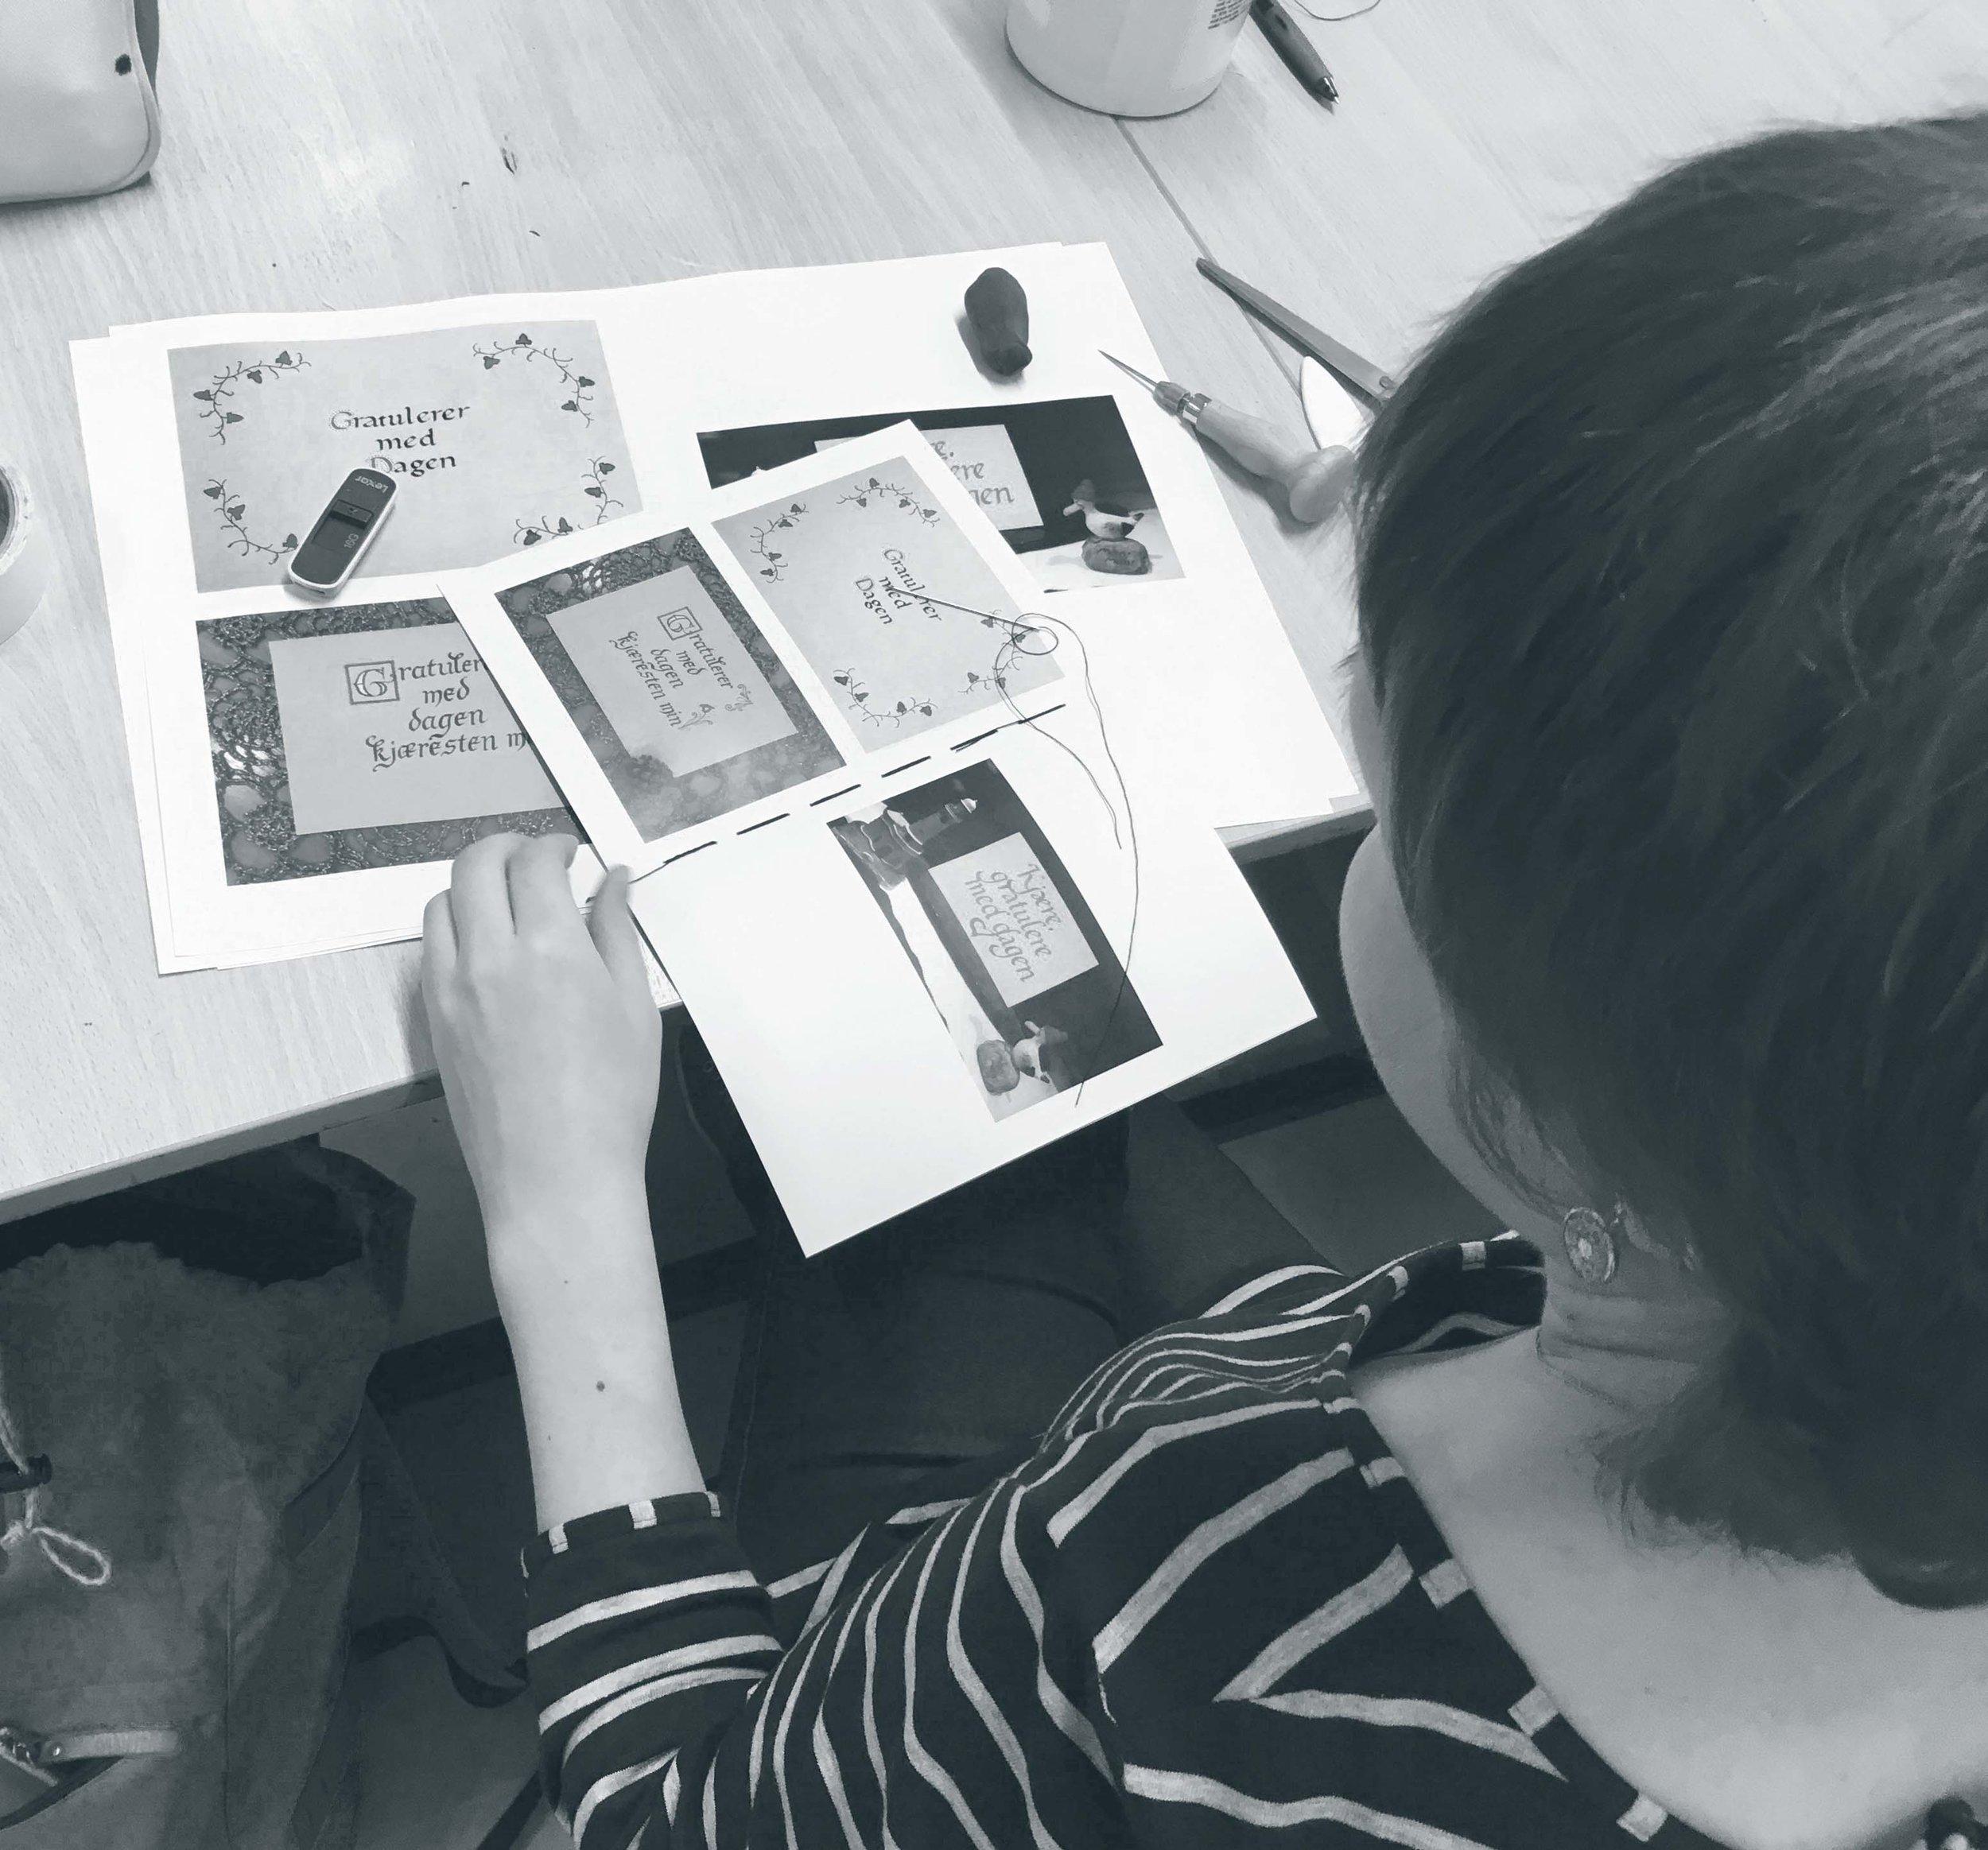 Flere av studentene sydde egne portfolioer.